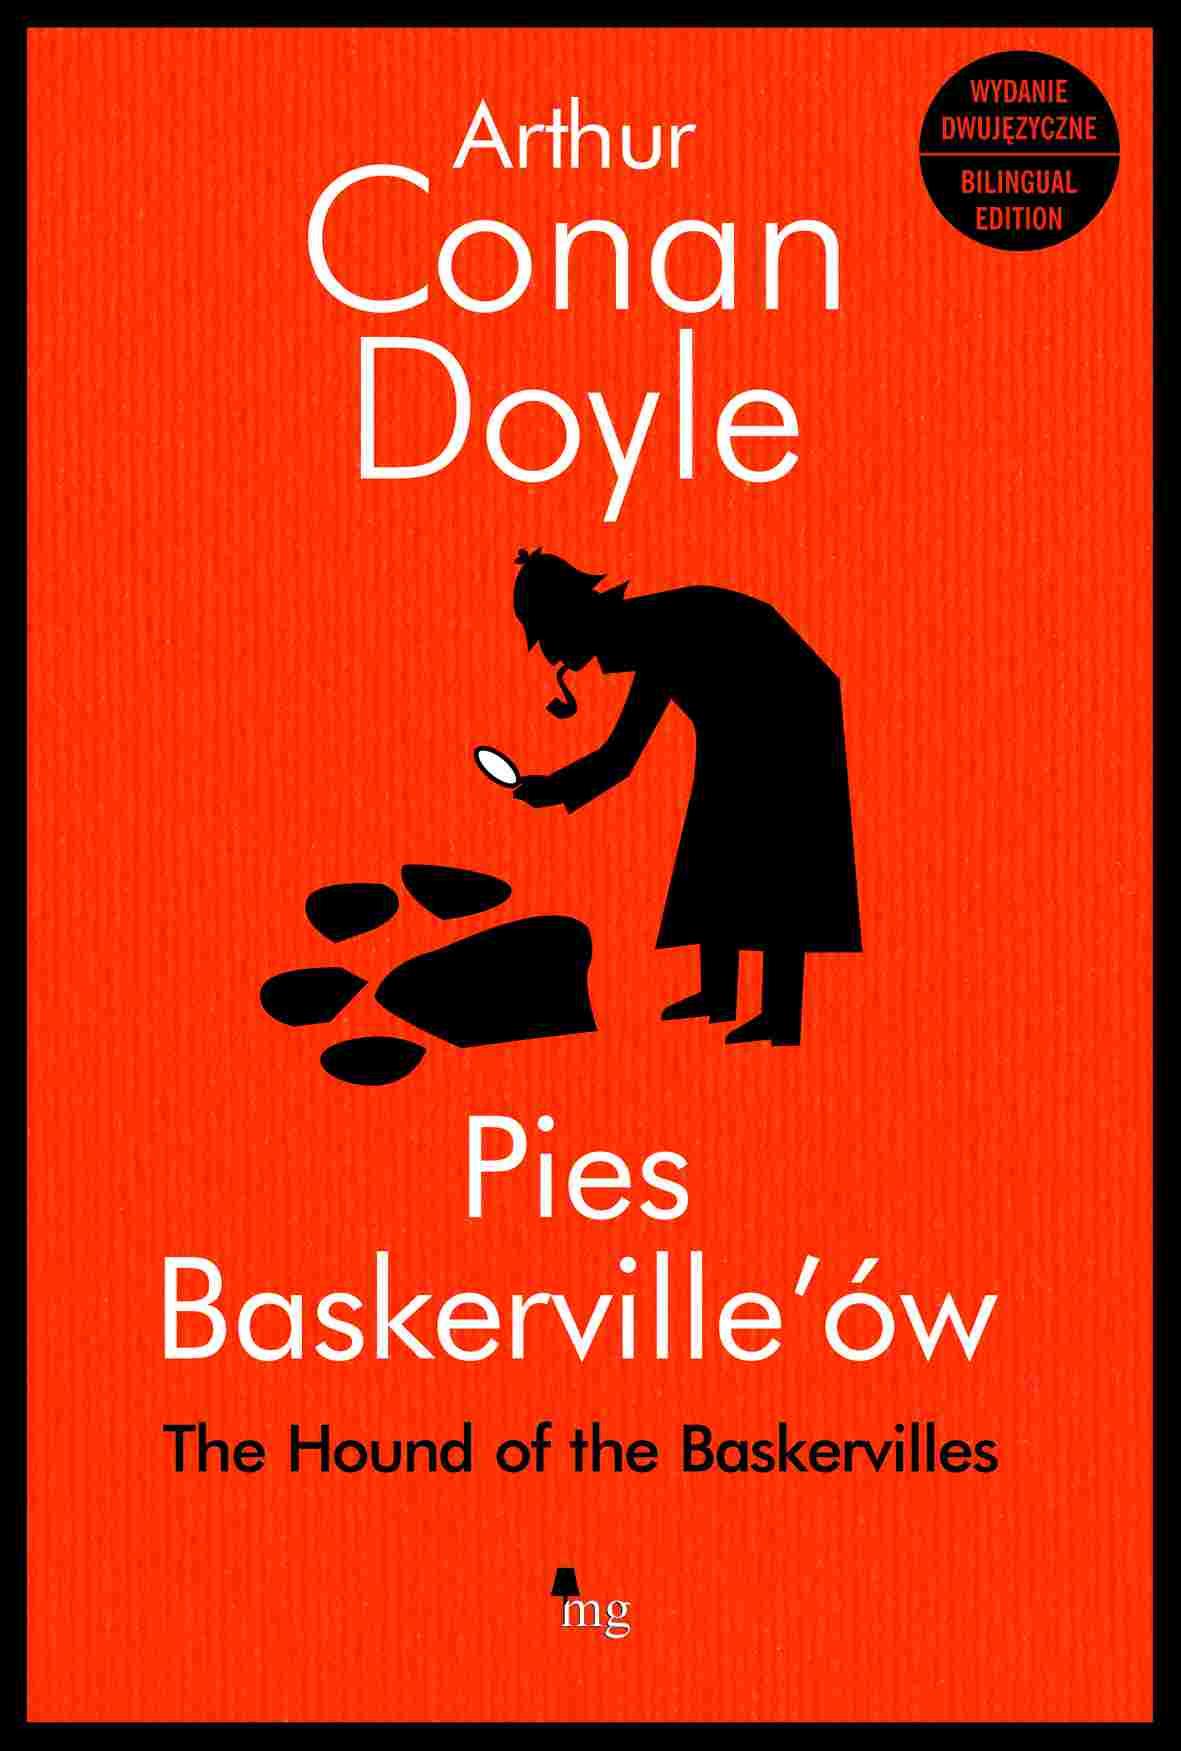 Pies Baskerville'ów. Hound of the Baskerville - wydanie dwujęzyczne - Ebook (Książka EPUB) do pobrania w formacie EPUB